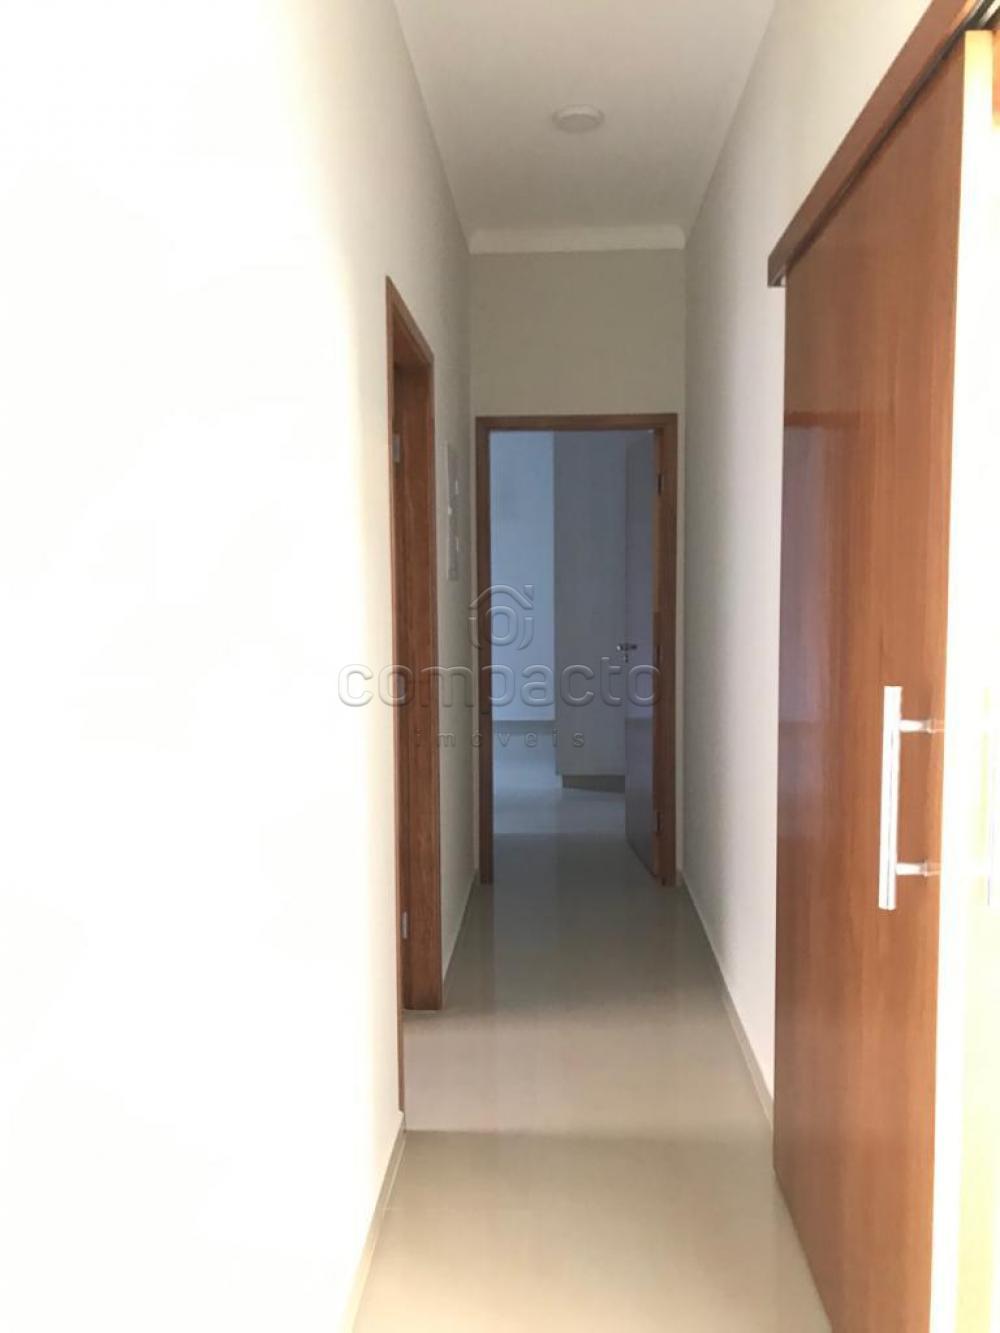 Comprar Casa / Condomínio em São José do Rio Preto apenas R$ 680.000,00 - Foto 4